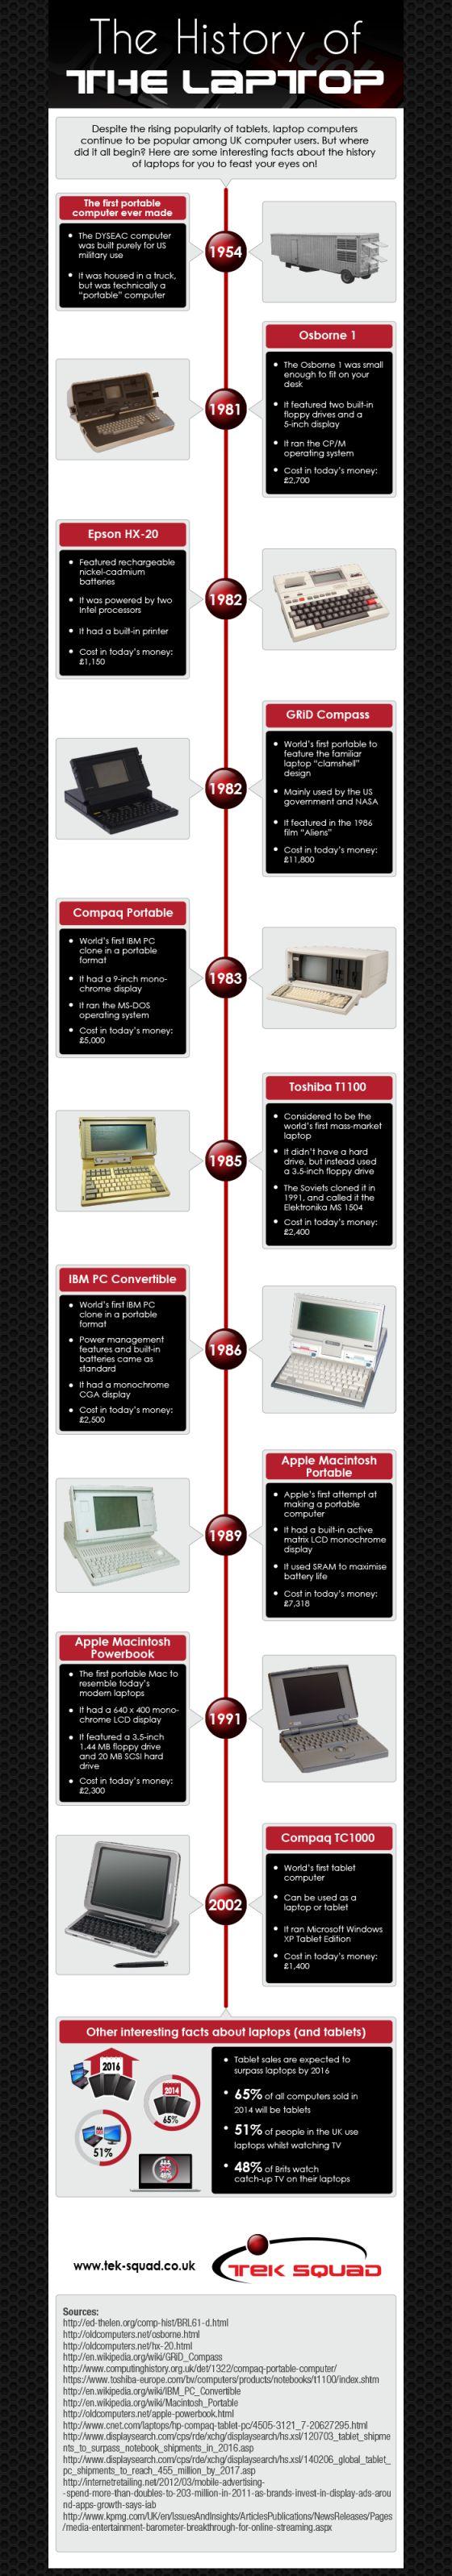 Historia de los ordenadores portátiles: